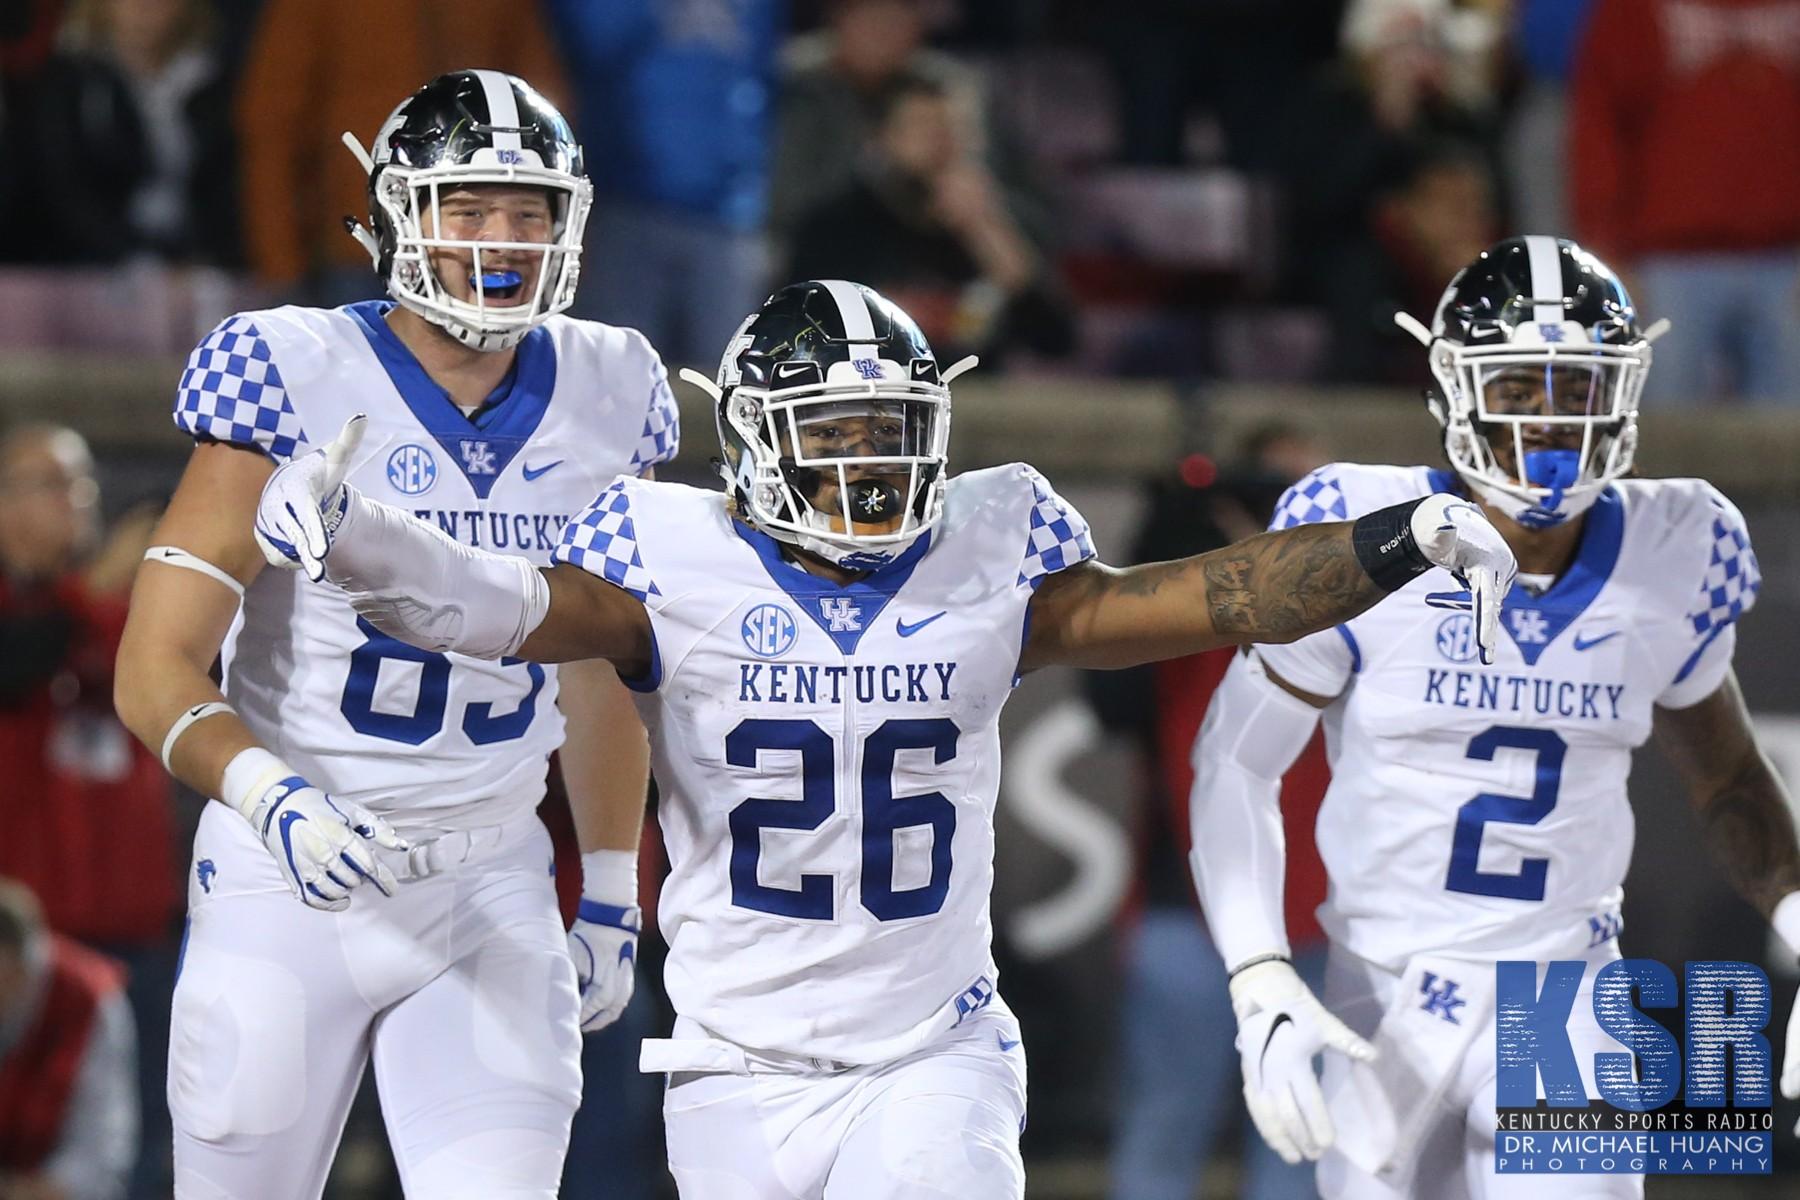 Kentucky will wear chrome helmets against Penn State